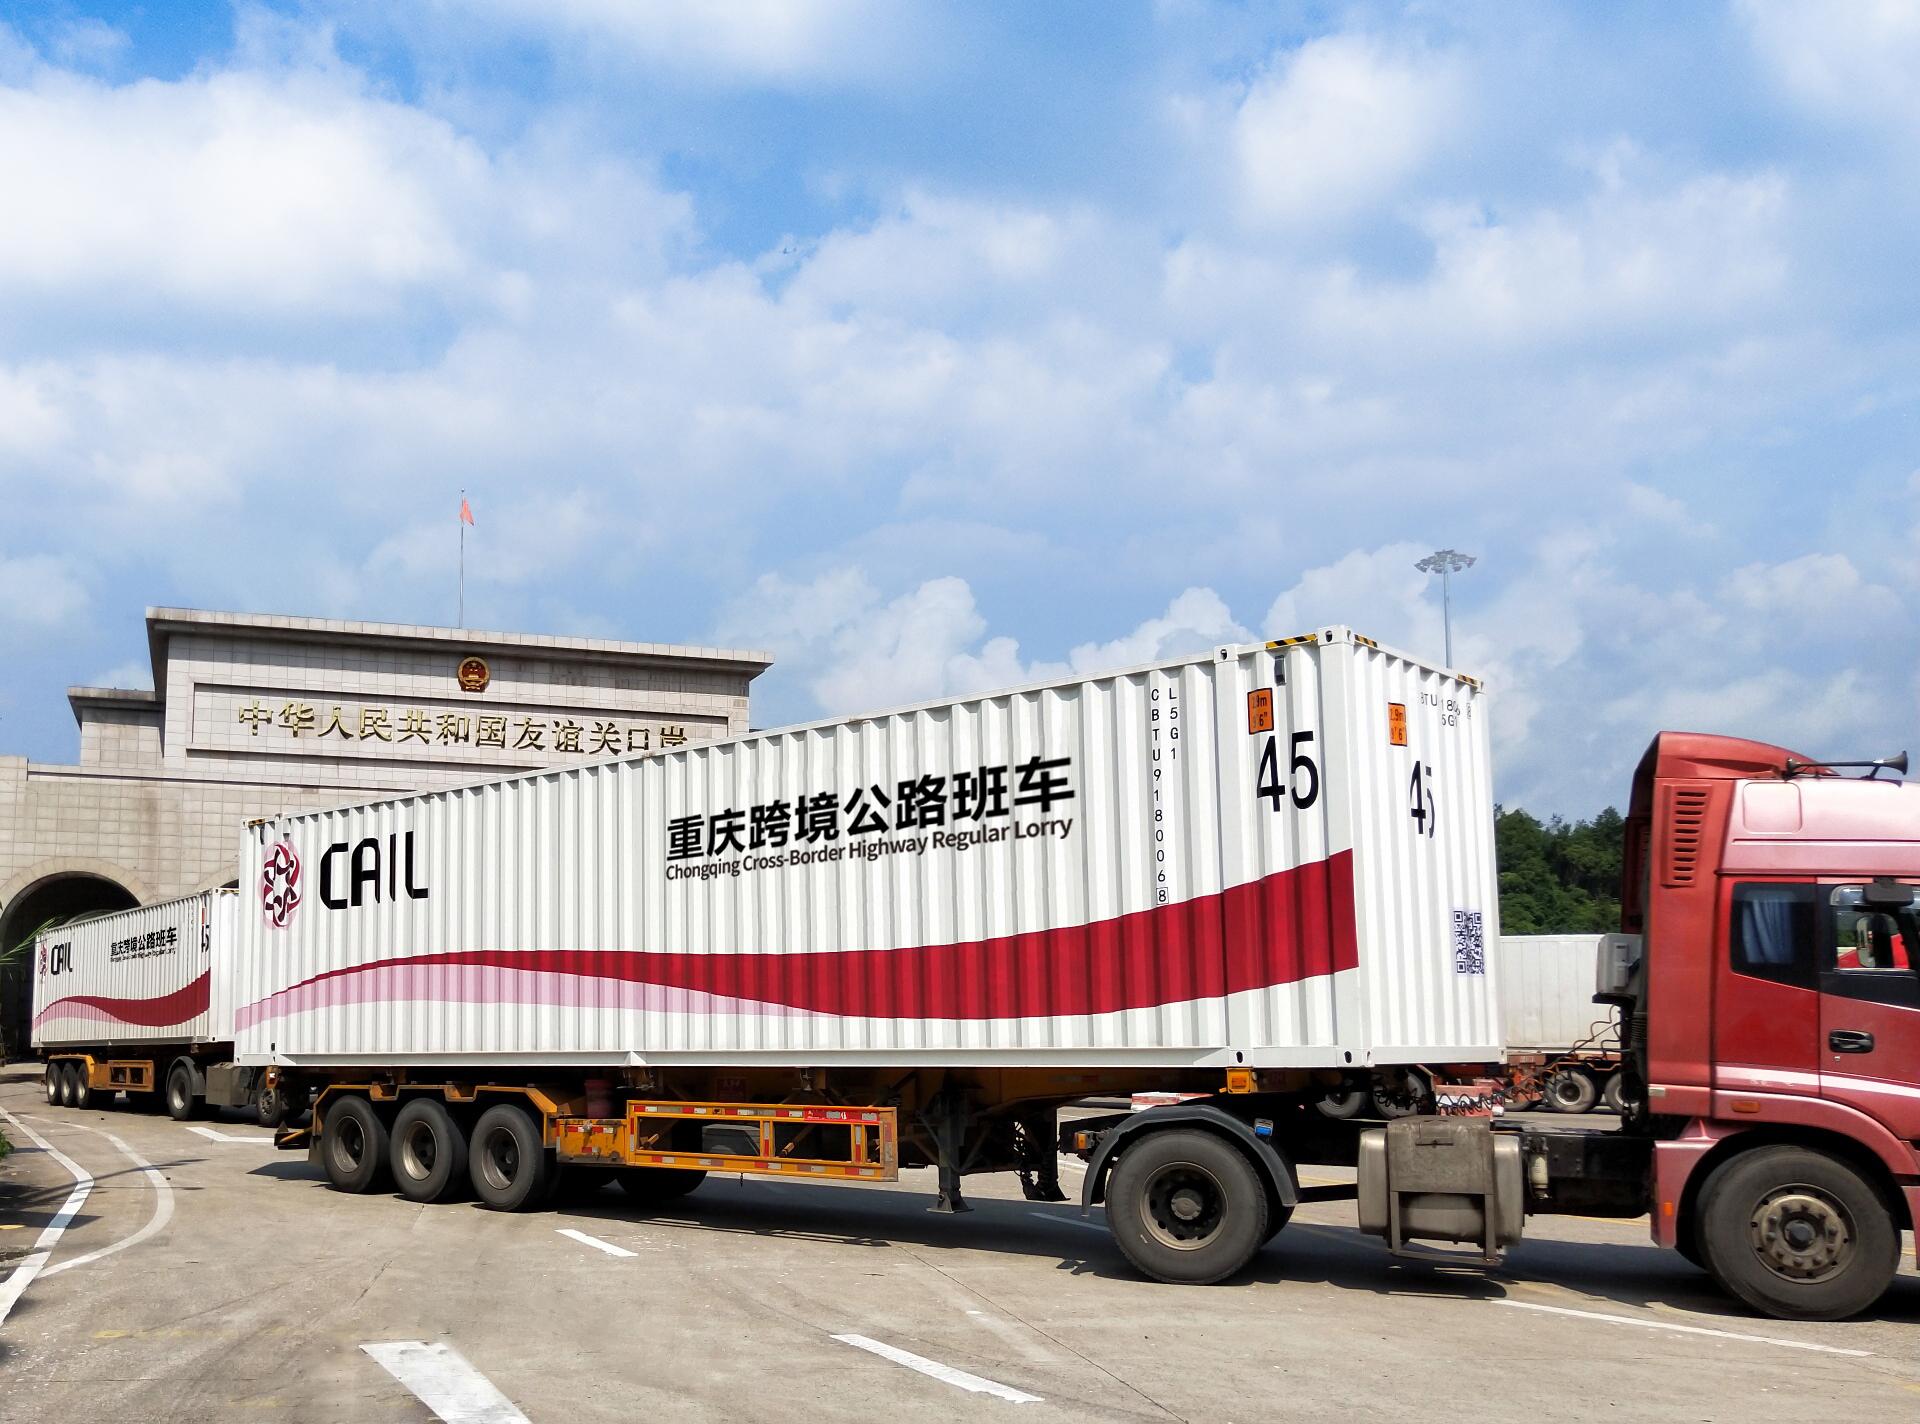 重庆跨境公路班车驶抵广西友谊关口岸。重庆公路物流基地供图